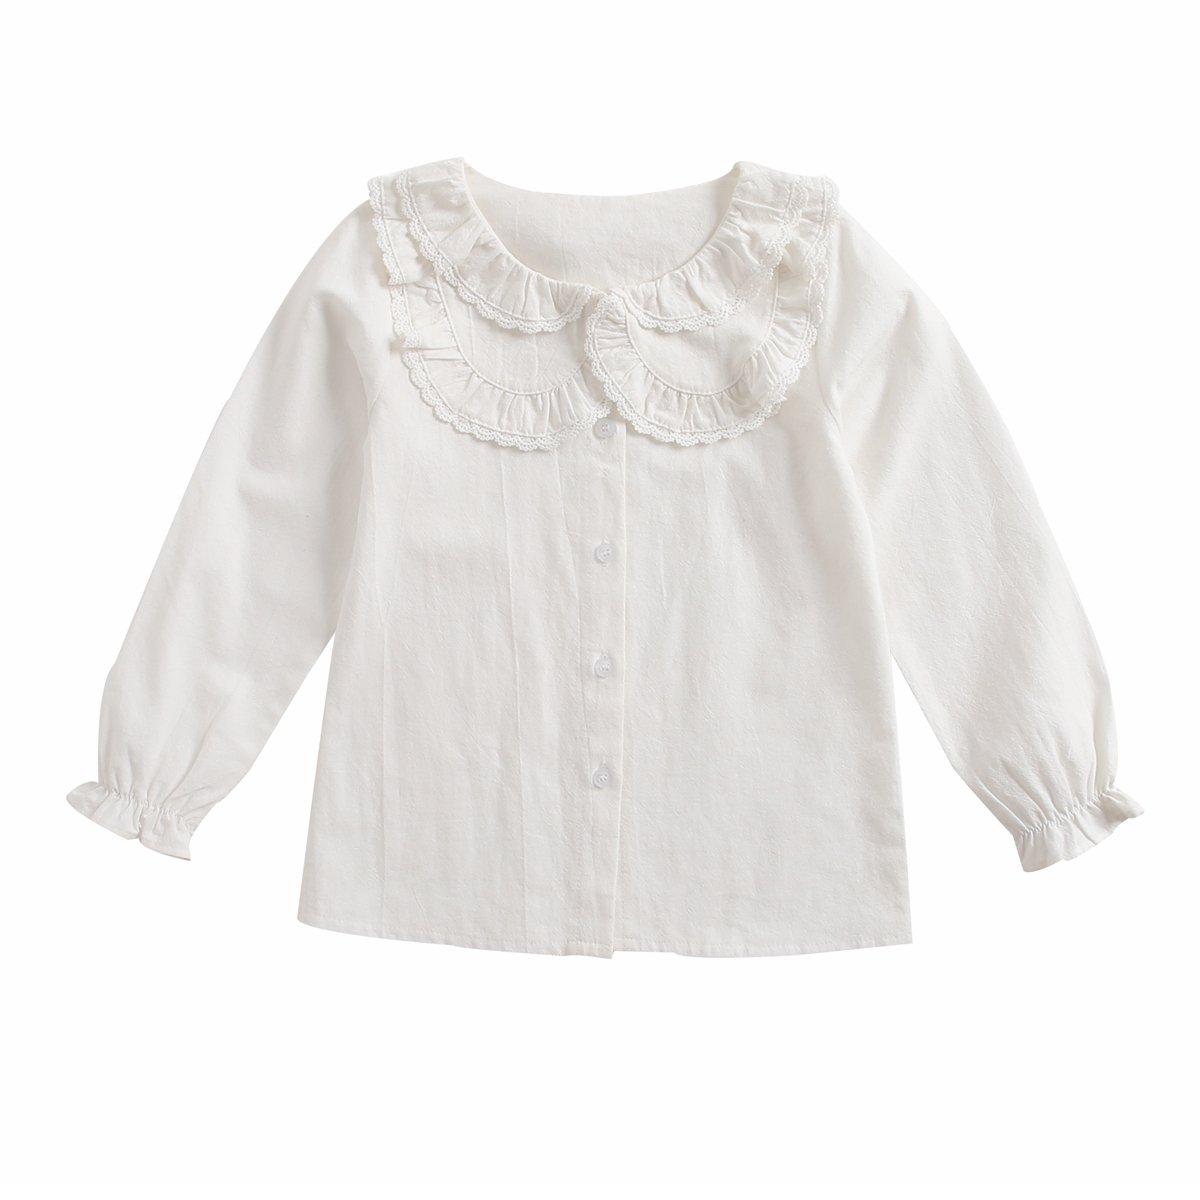 Sanlutoz Pizzo Camicie da Ragazza Principessa Bambini Abbigliamento Moda Bambini Vestiti